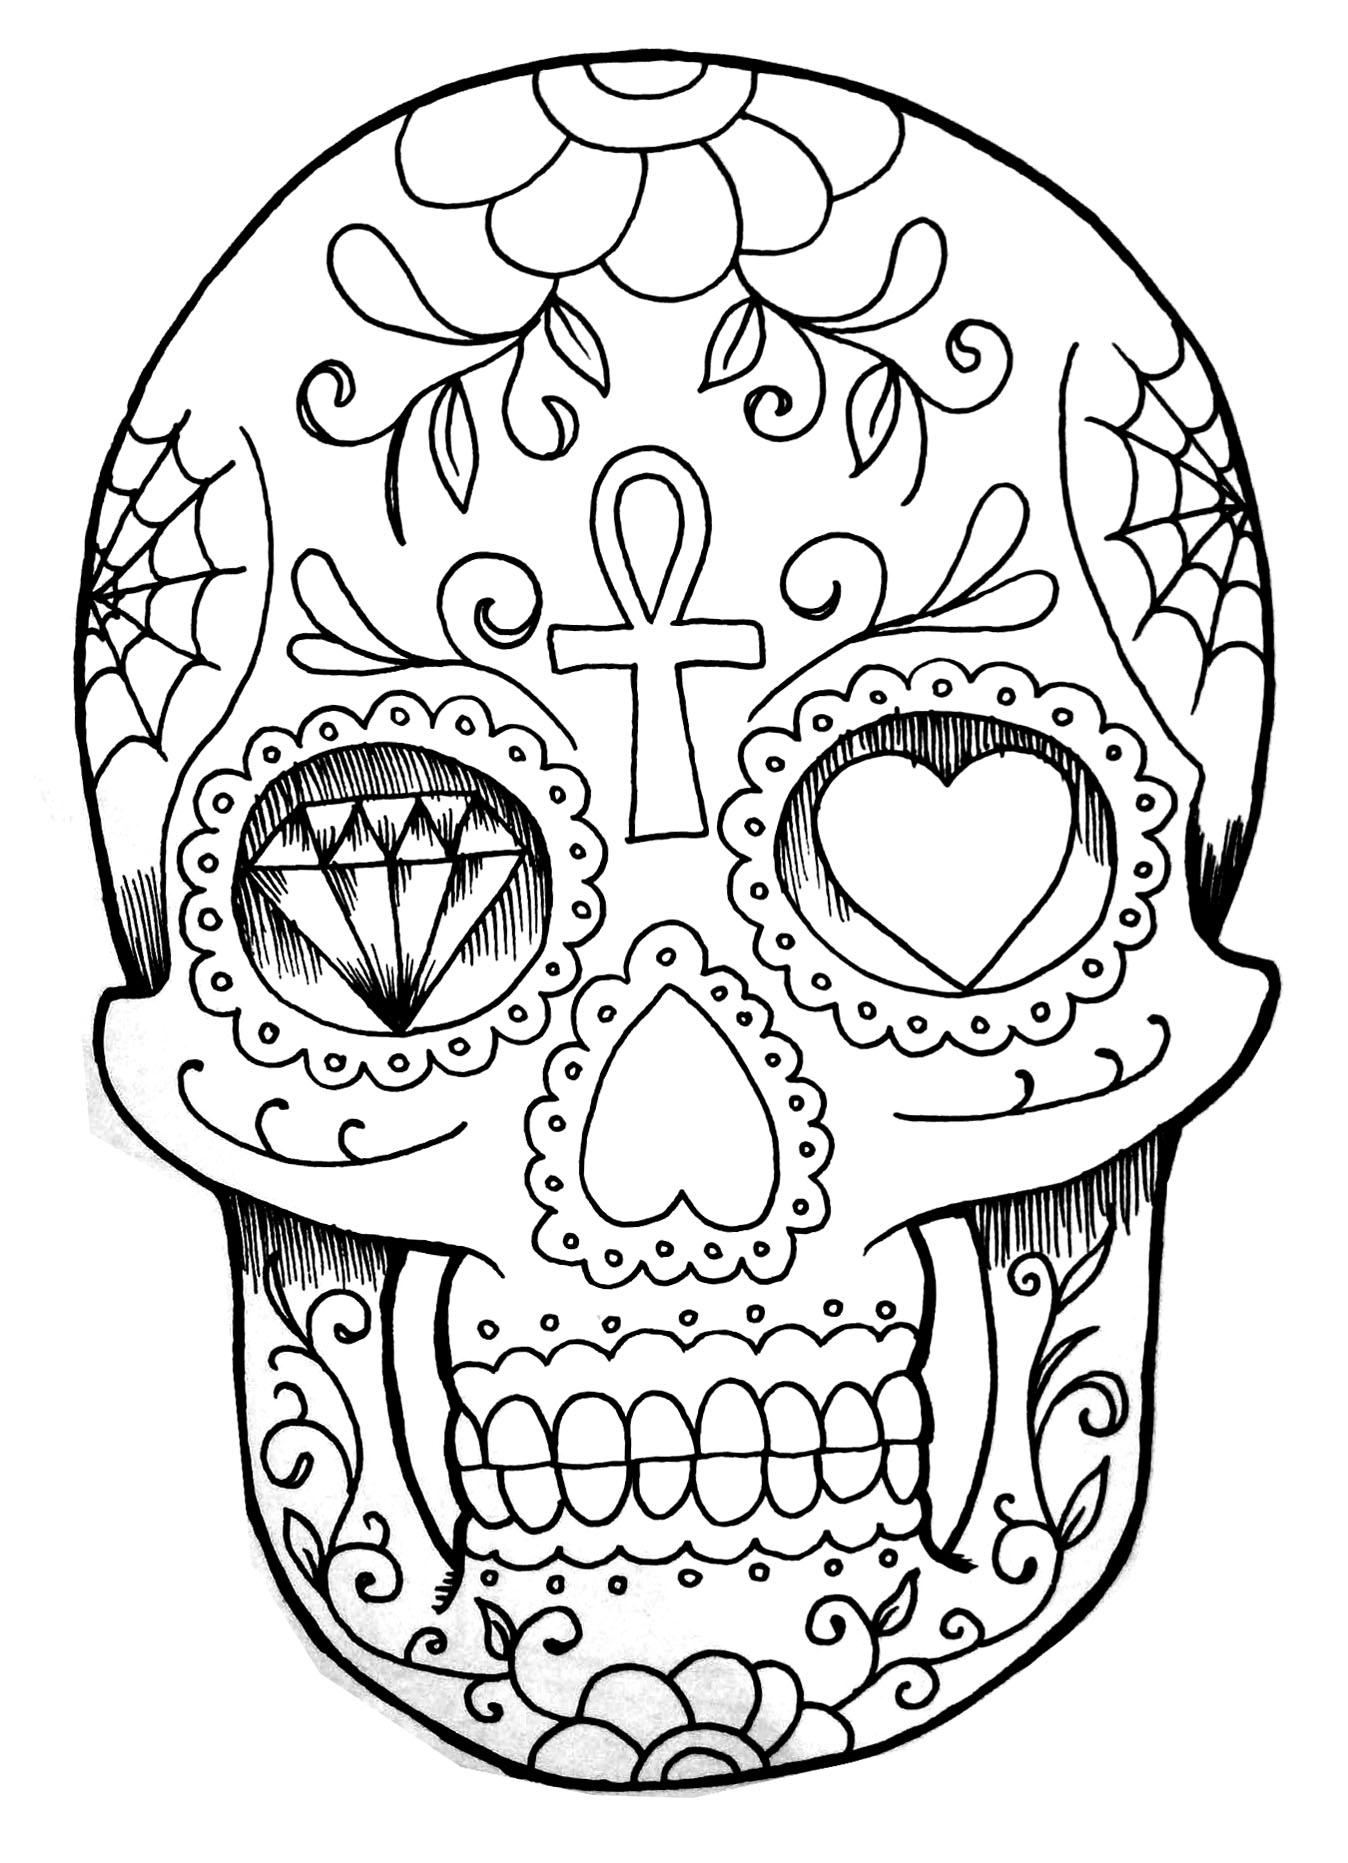 Coloriage d'un tatouage représentant un crâne doté de détails et symboles